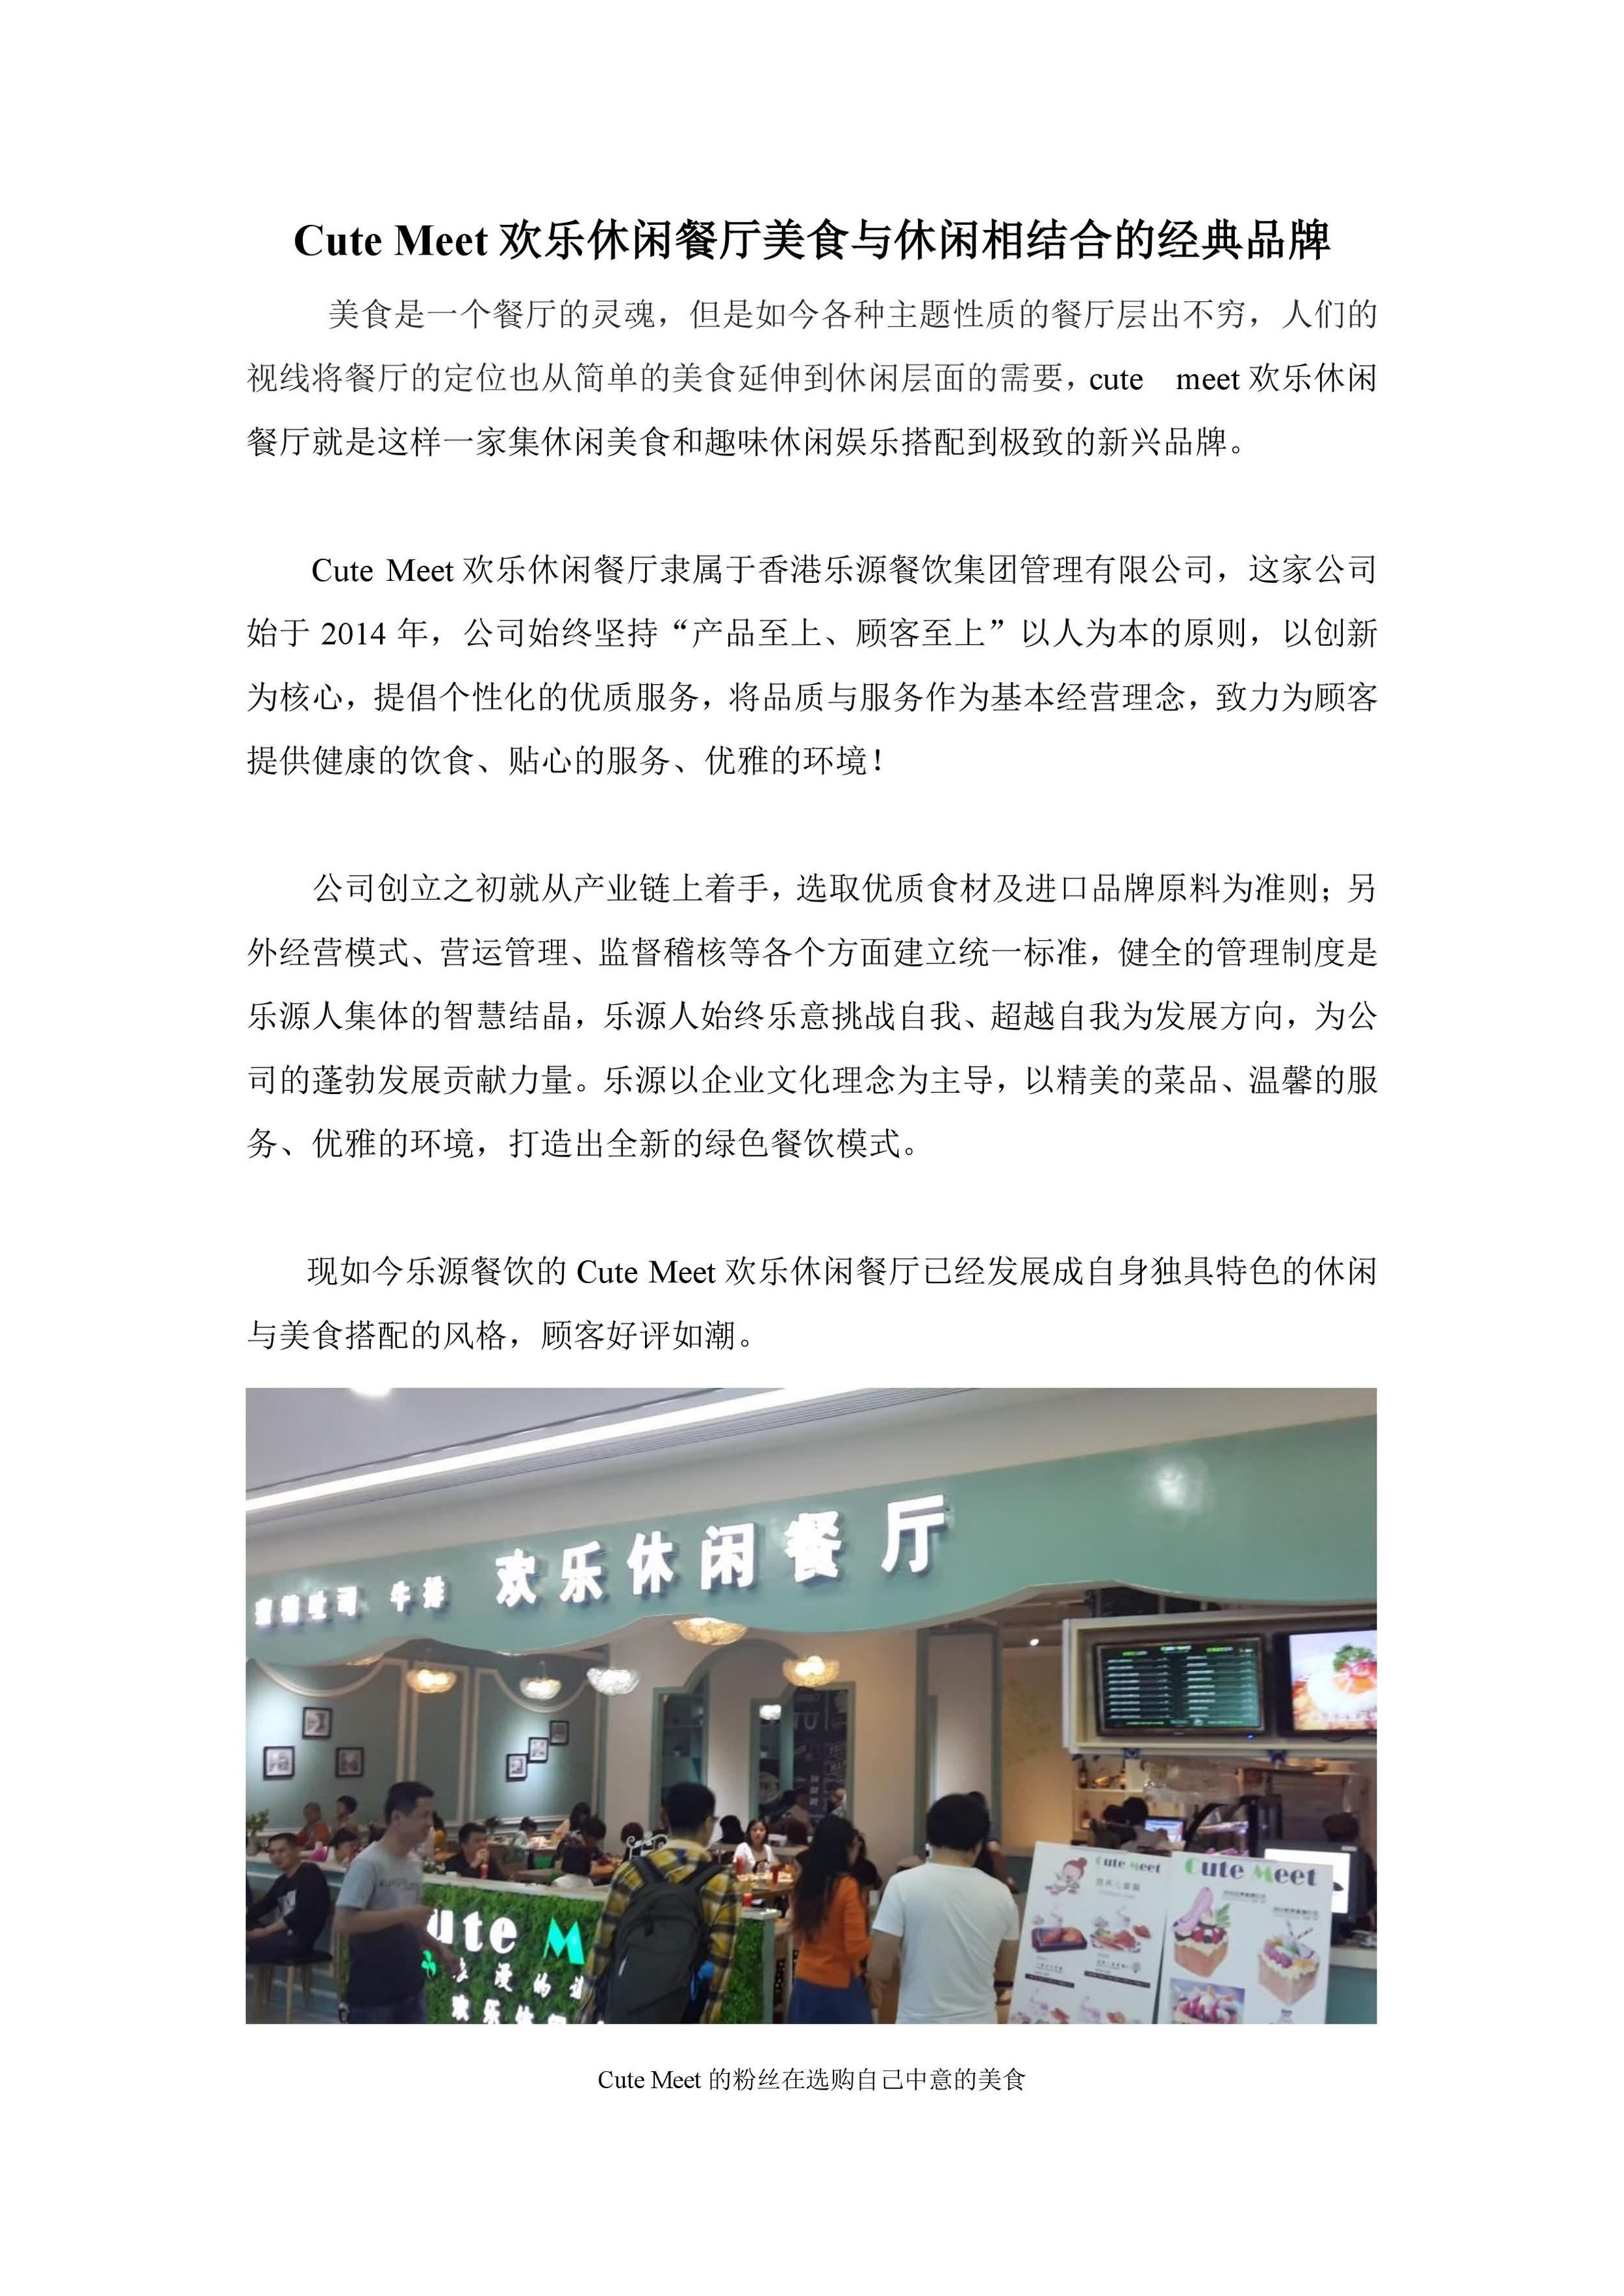 香港樂源餐飲集團有限公司15